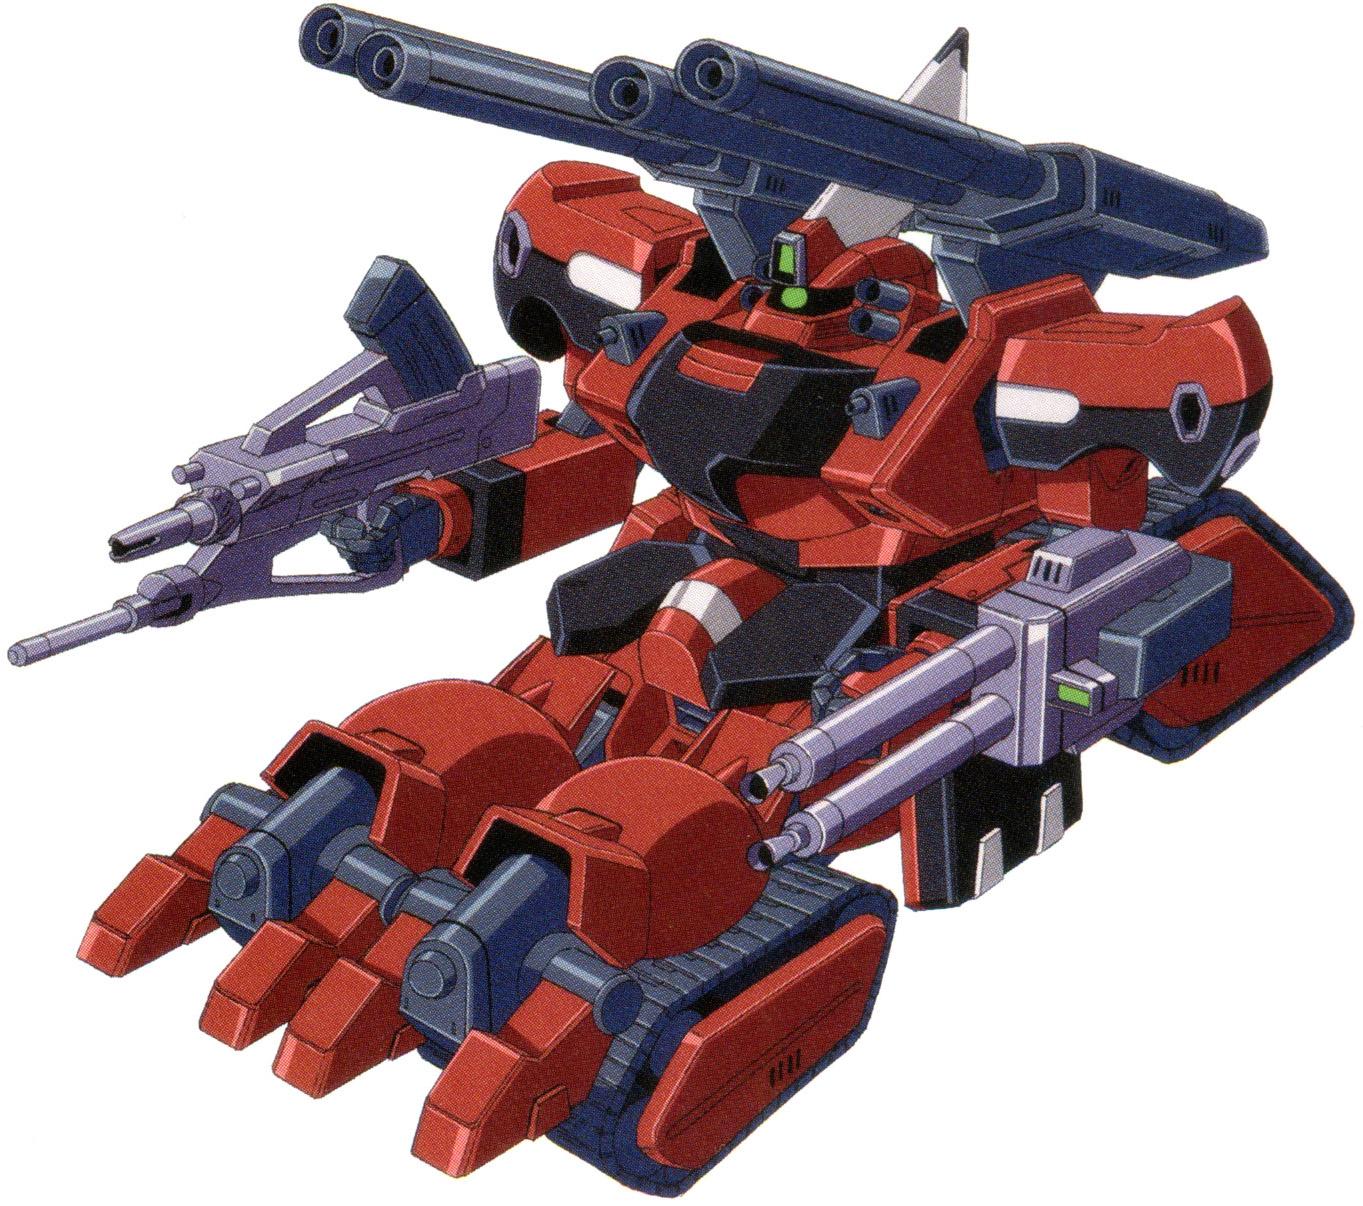 Tfa 2 Zuoot Gundam Wiki